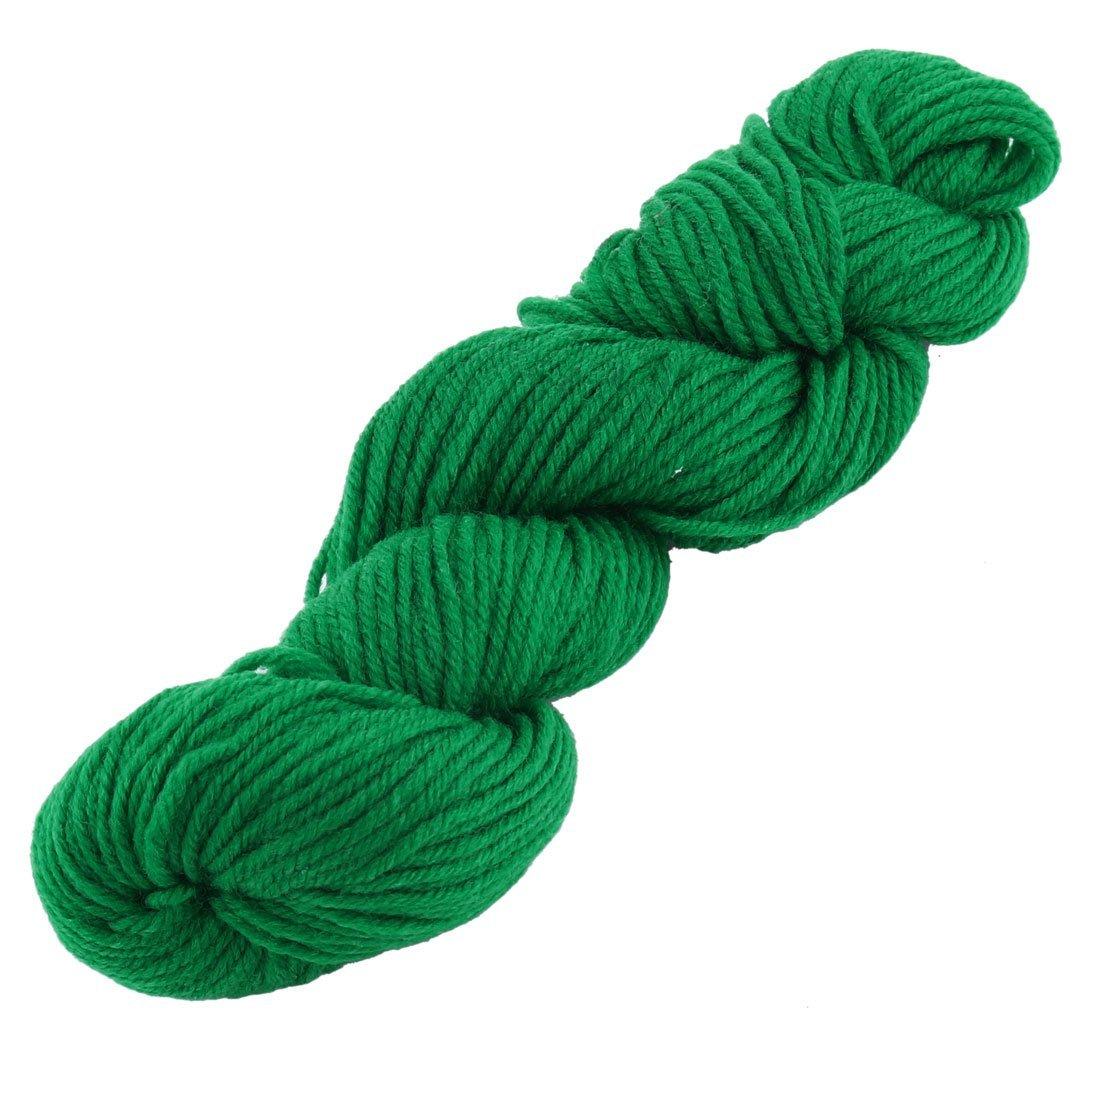 Amazon.com: eDealMax Festival de fibra acrílica Regalo Hecho a Mano de ganchillo suéter de la bufanda el hilado del cordón 60g 2pcs Verde Oscuro